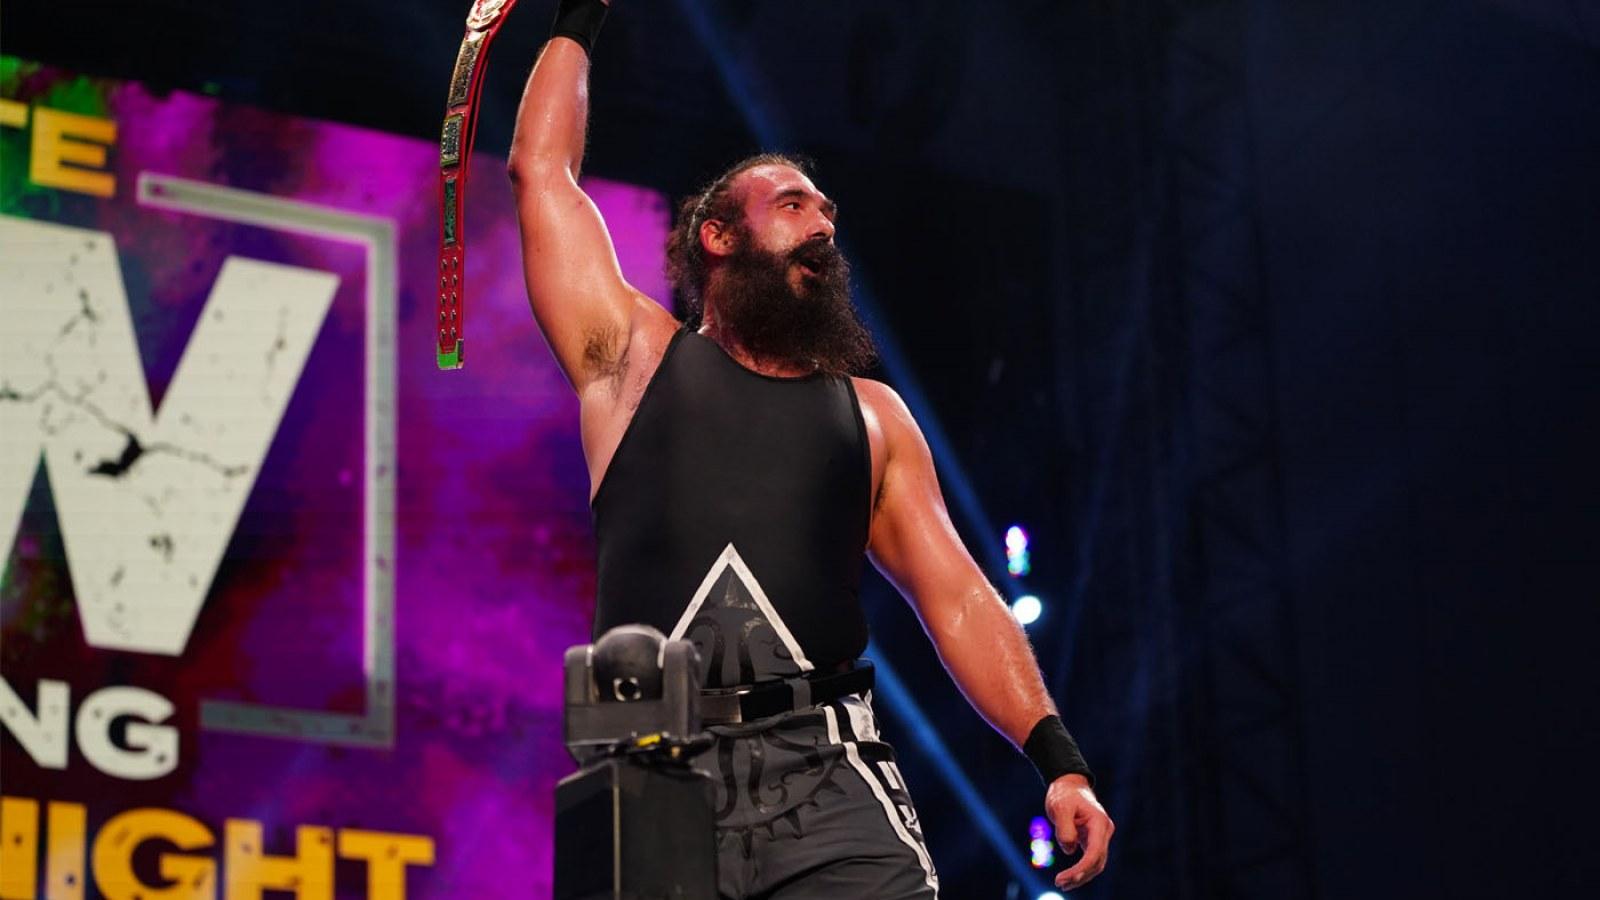 Brodie Lee defenderá o TNT Championship no próximo Dynamite